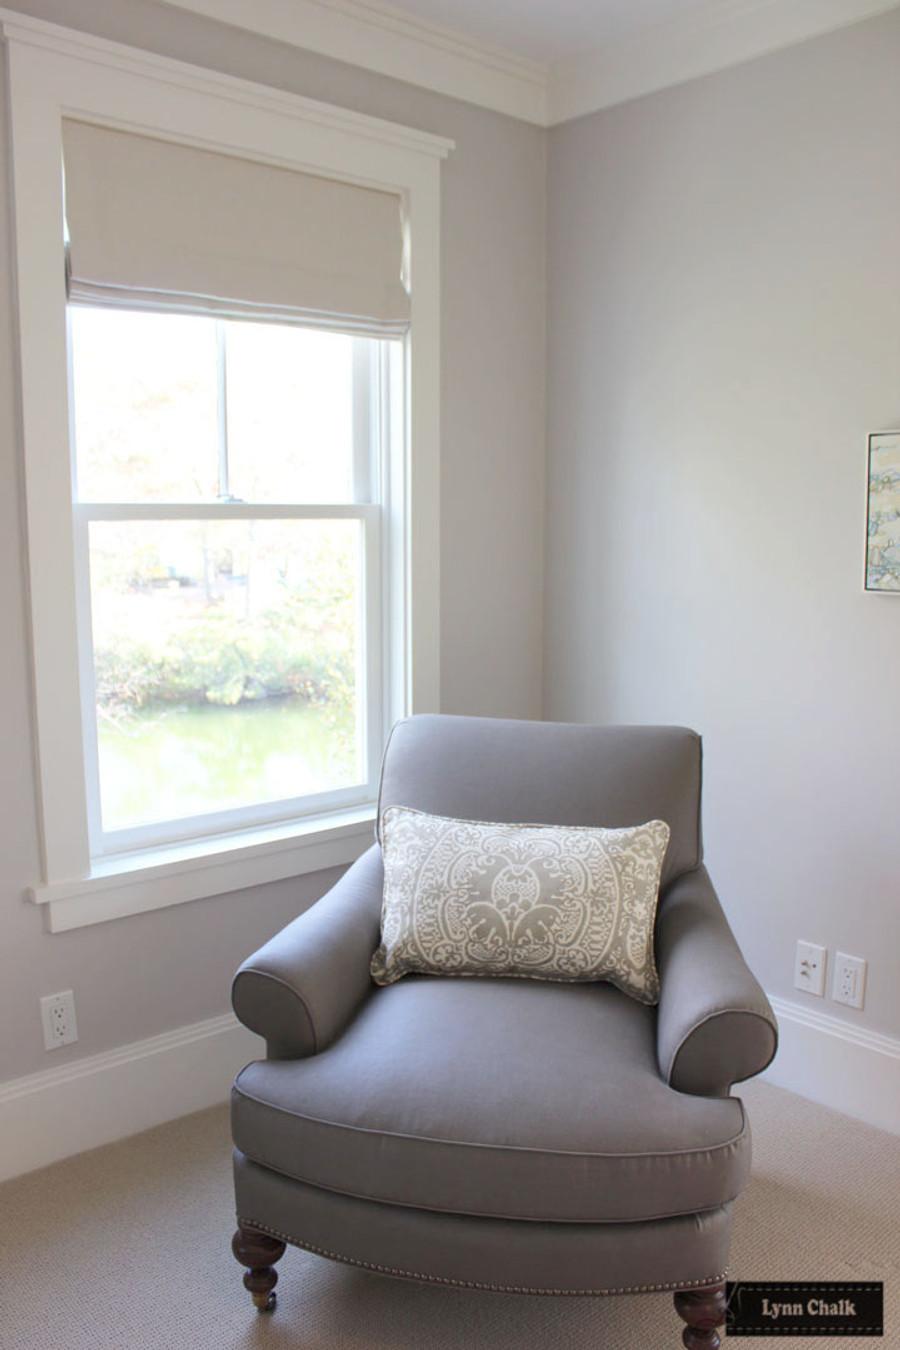 Quadrille Veneto in Grey Pillow with Roman Shade in Kravet Indoor Outdoor 16235 1116